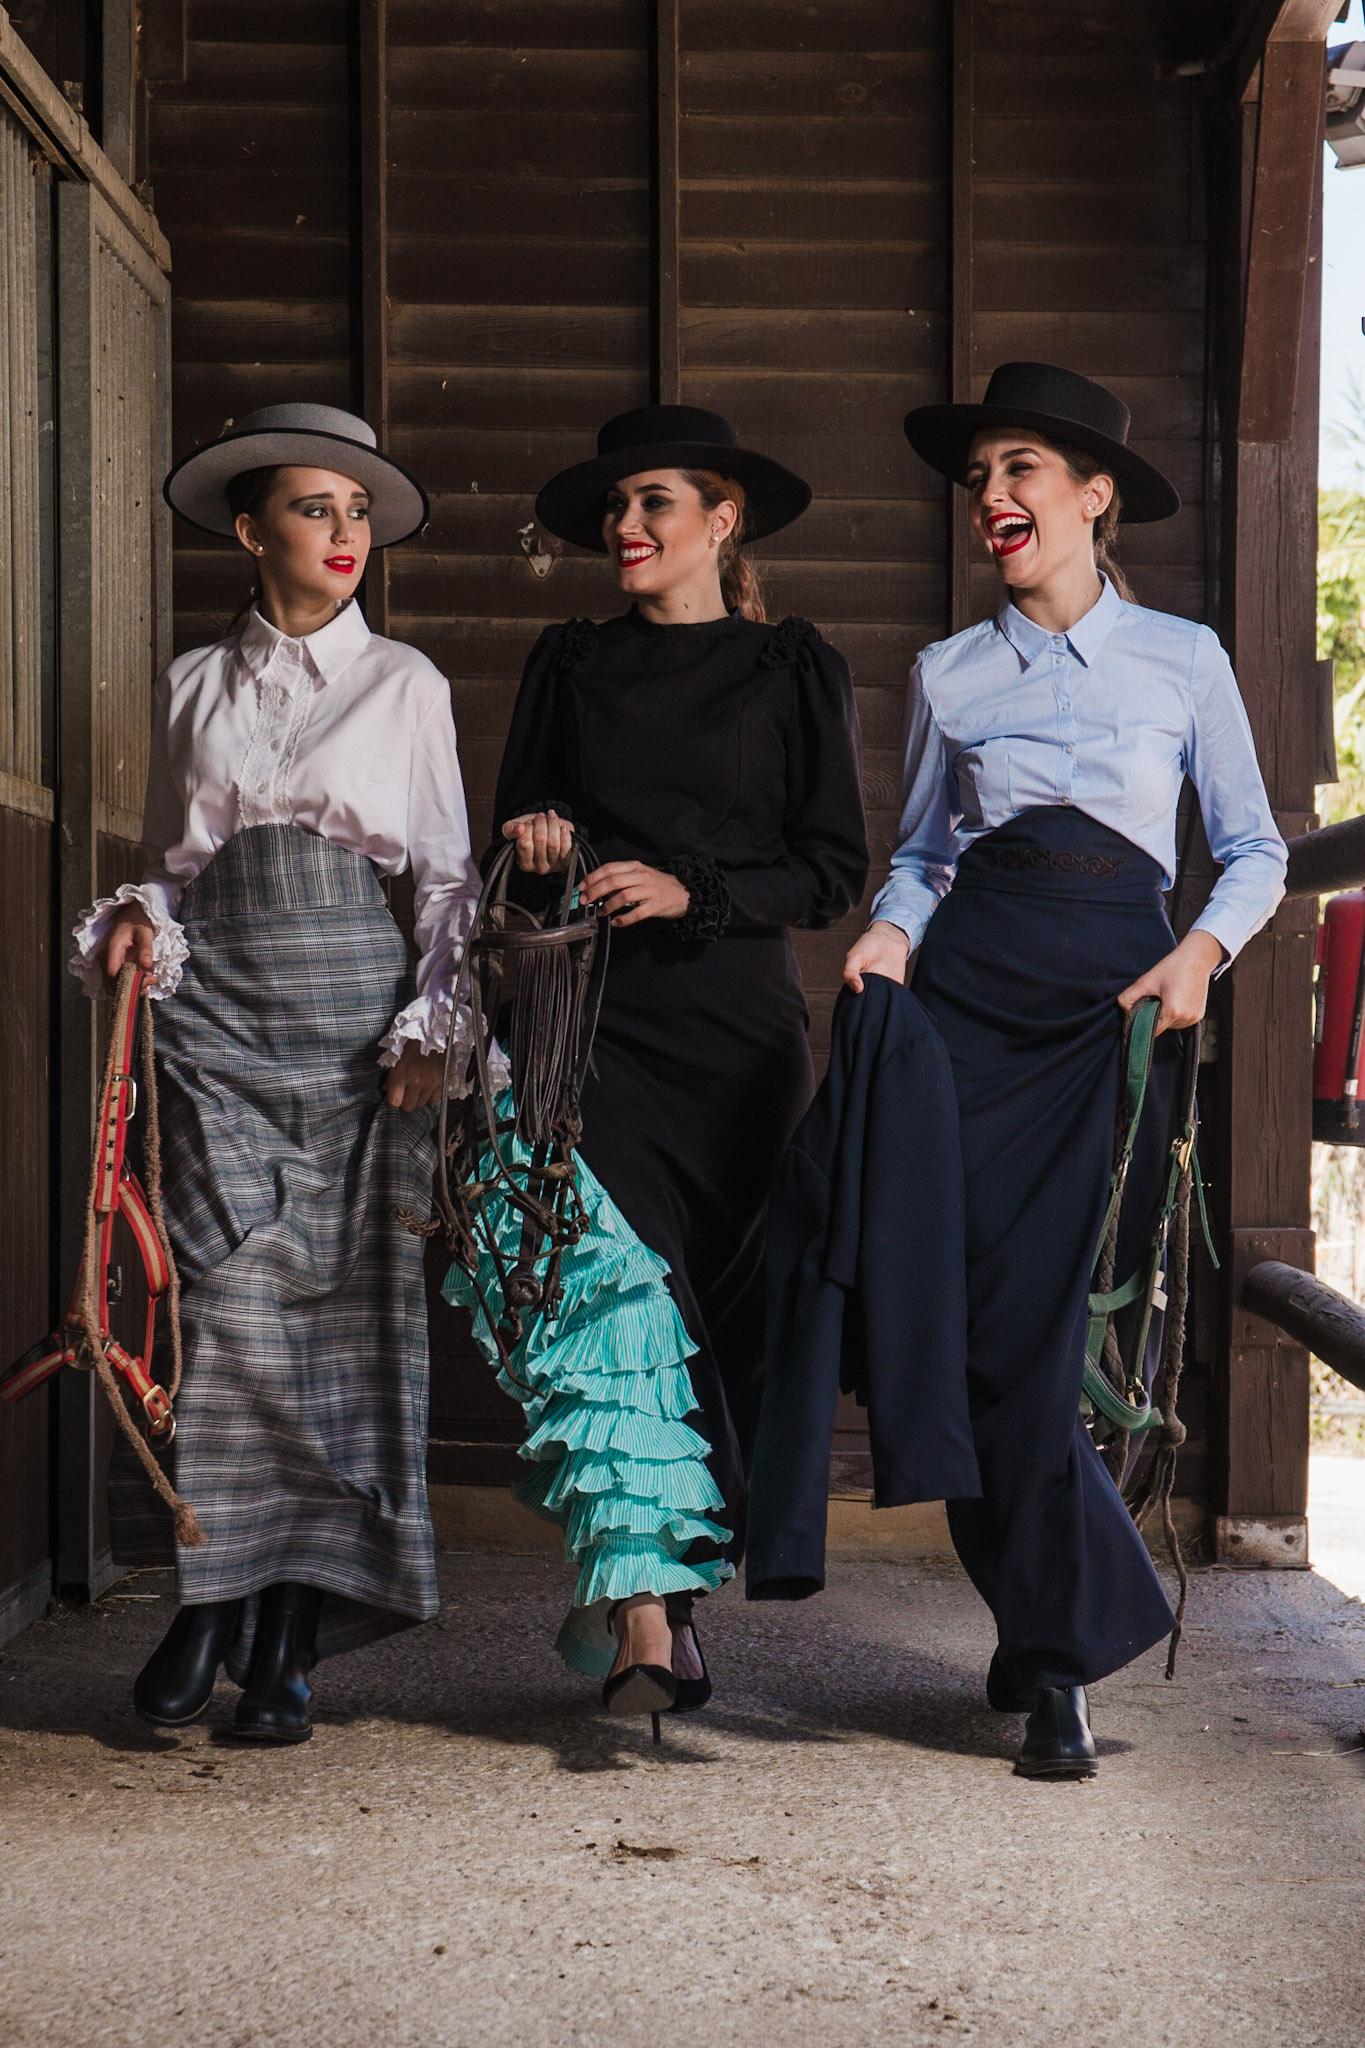 vestuario- amazonas- ecuestre- trajes de flamenca- montar a acaballo (55)